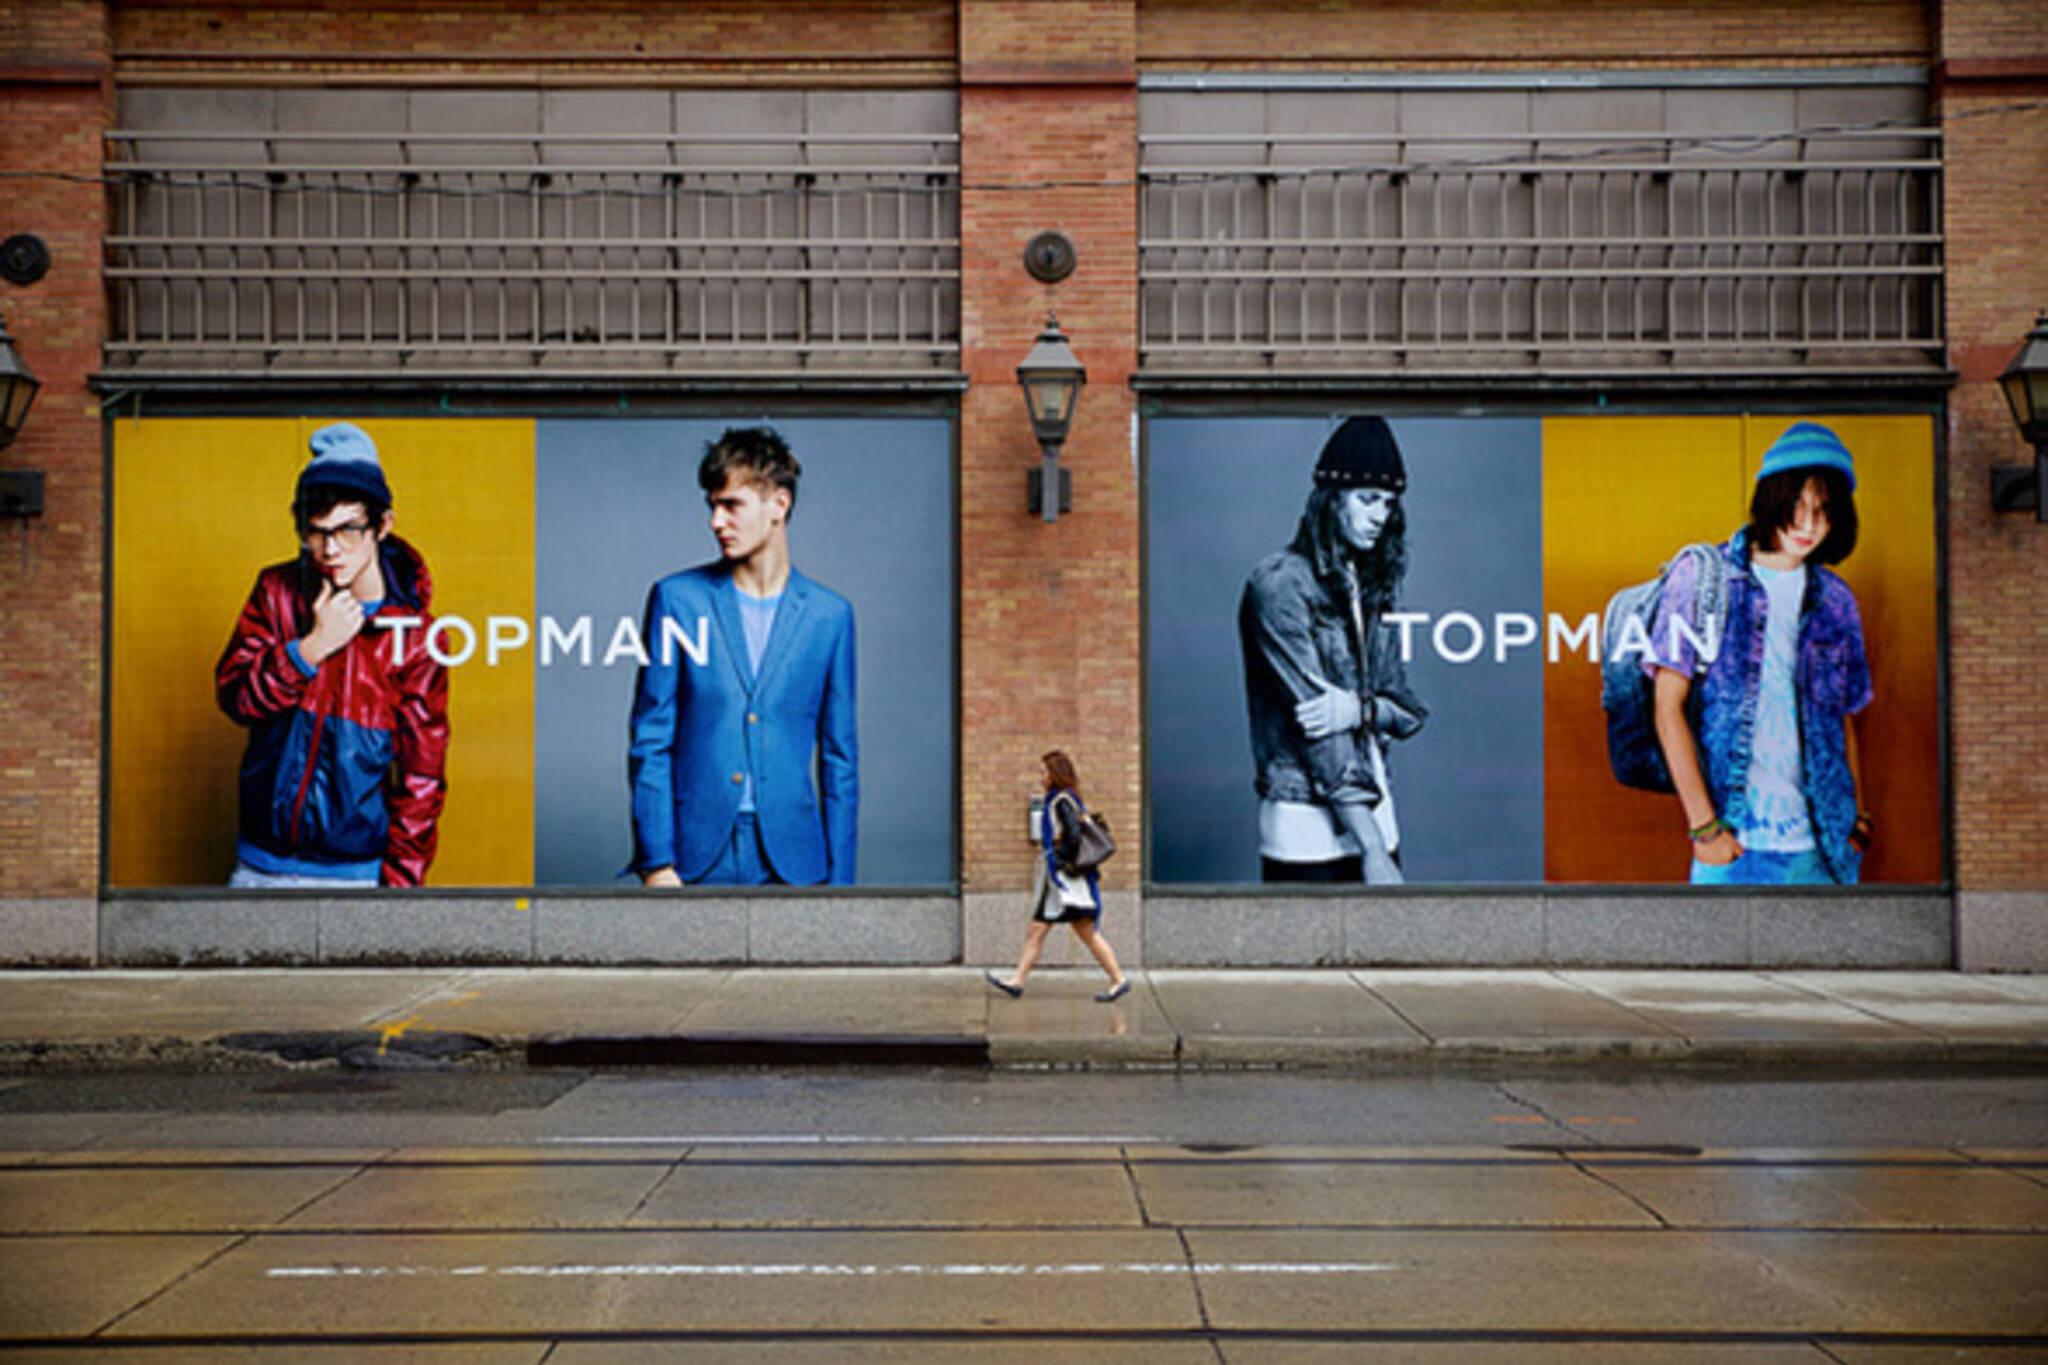 Top Man Toronto